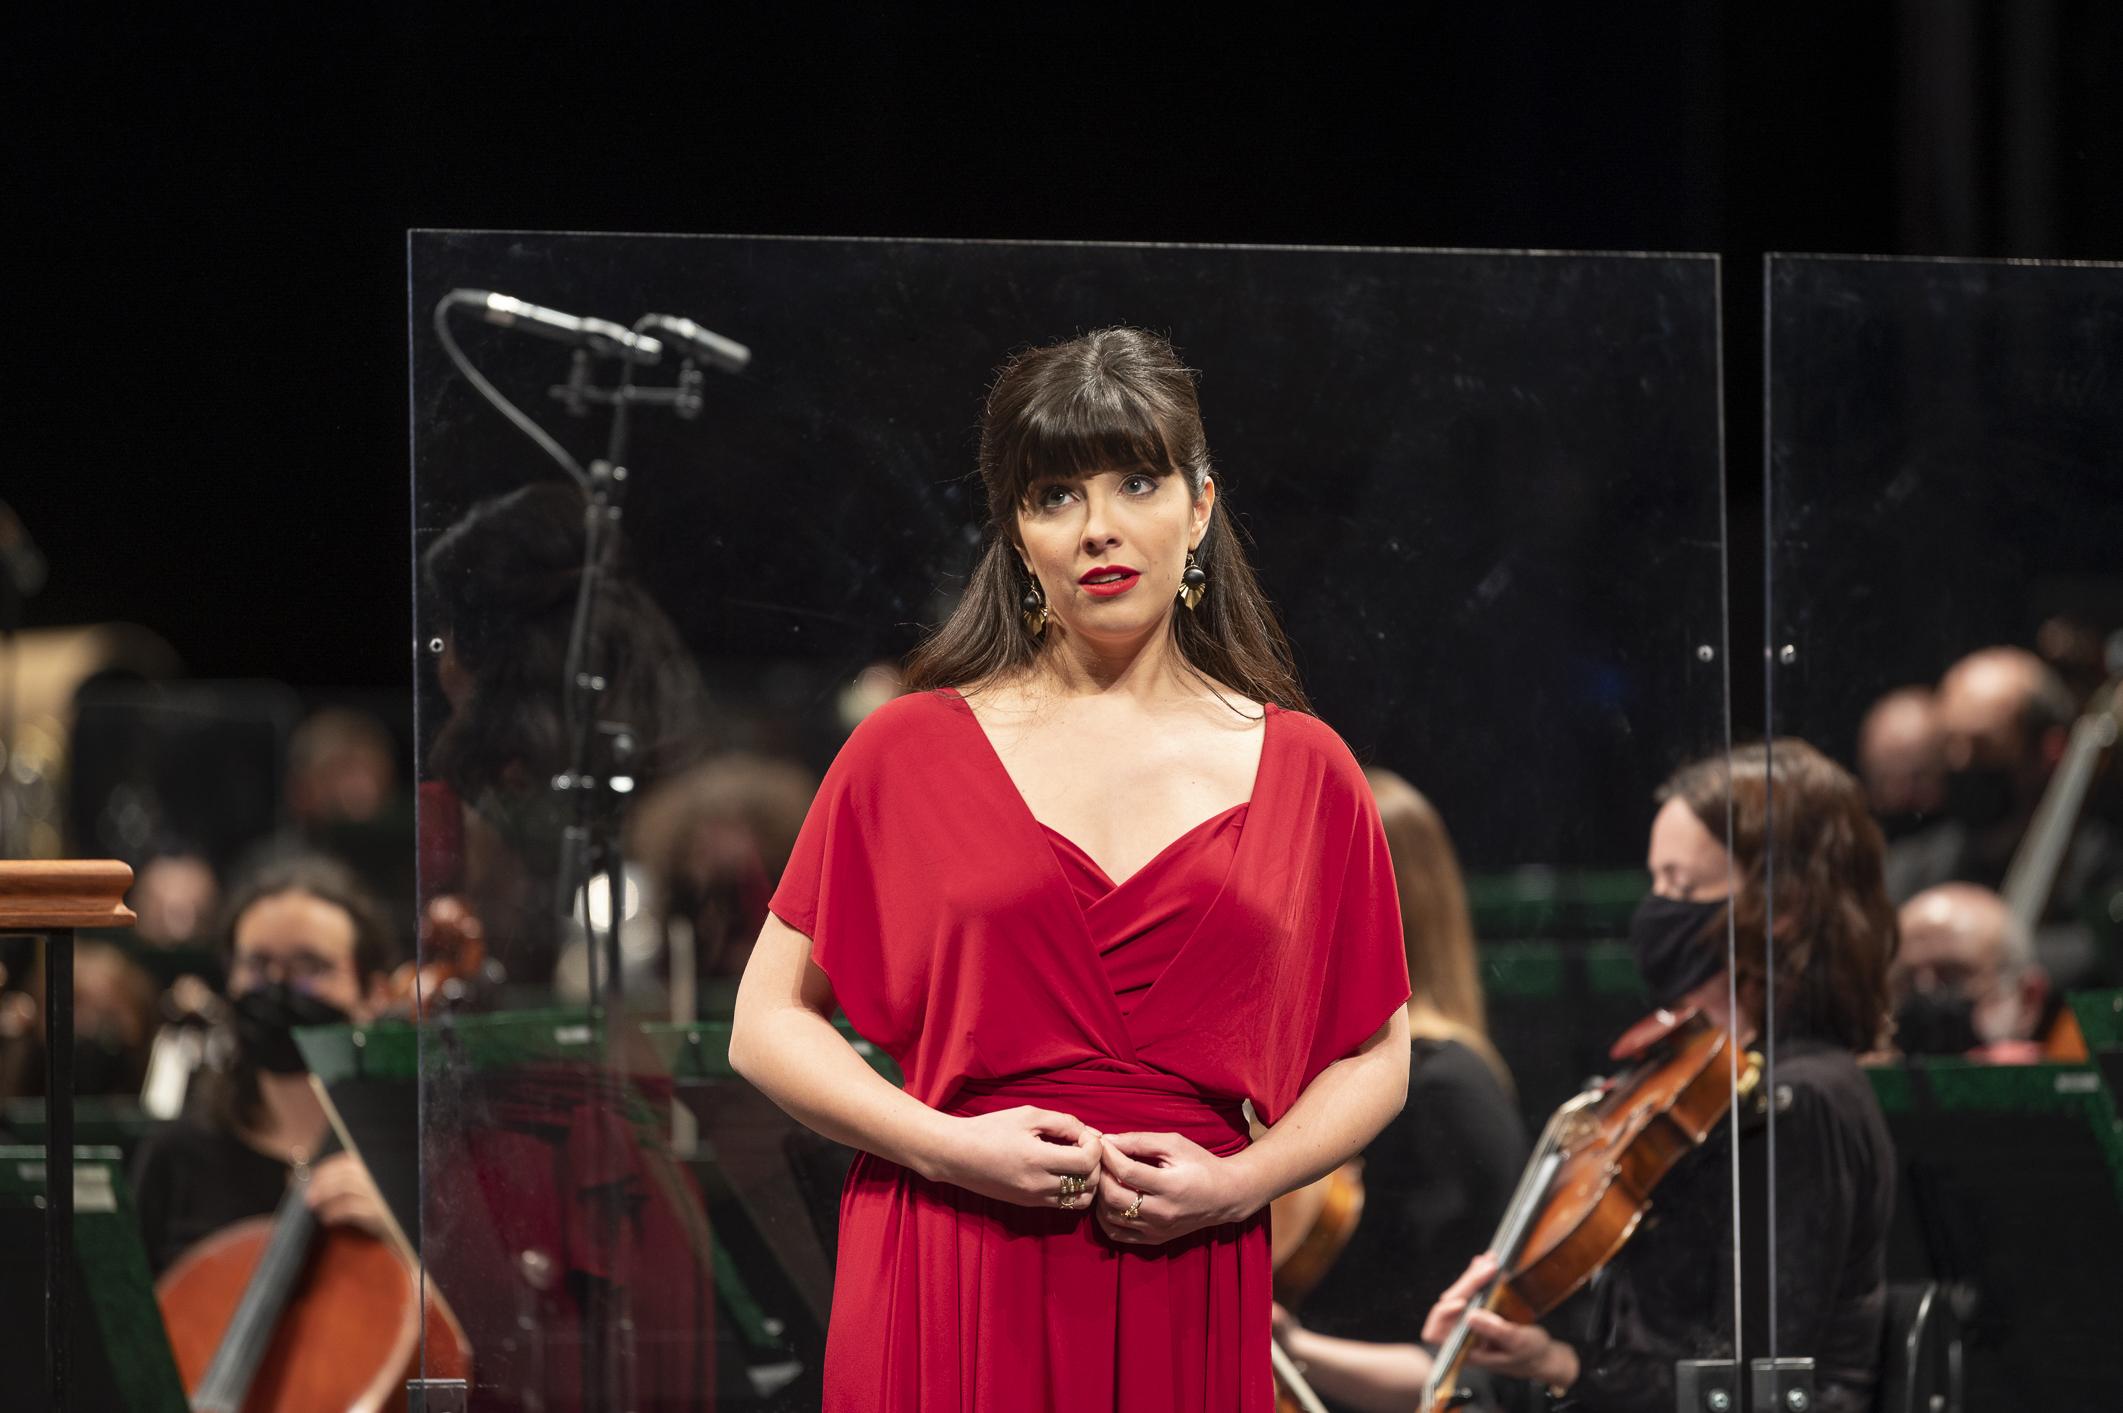 Opéra Royal de Wallonie-Liège, Orchestre de Hamlet et le romantisme à la française, morceaux choisis